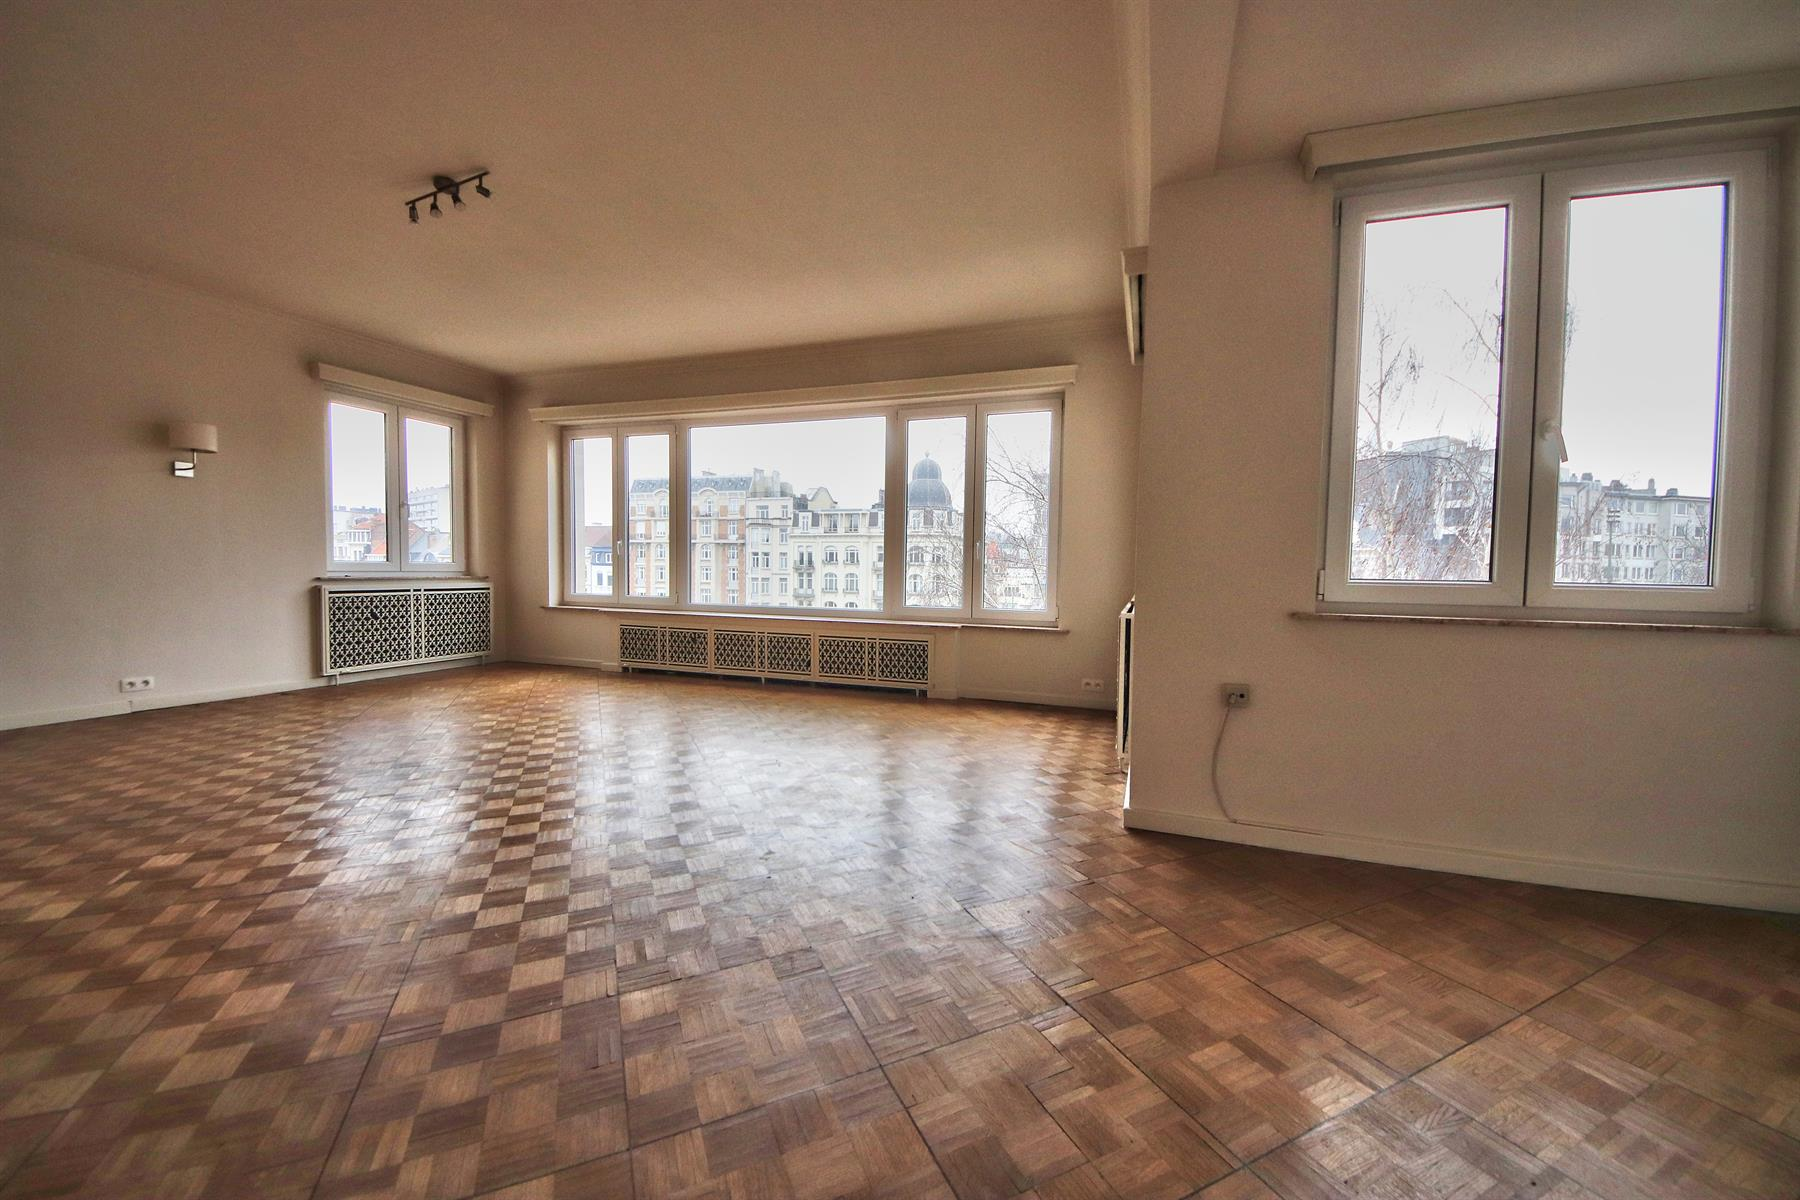 Appartement - Woluwe-Saint-Pierre - #4256600-1